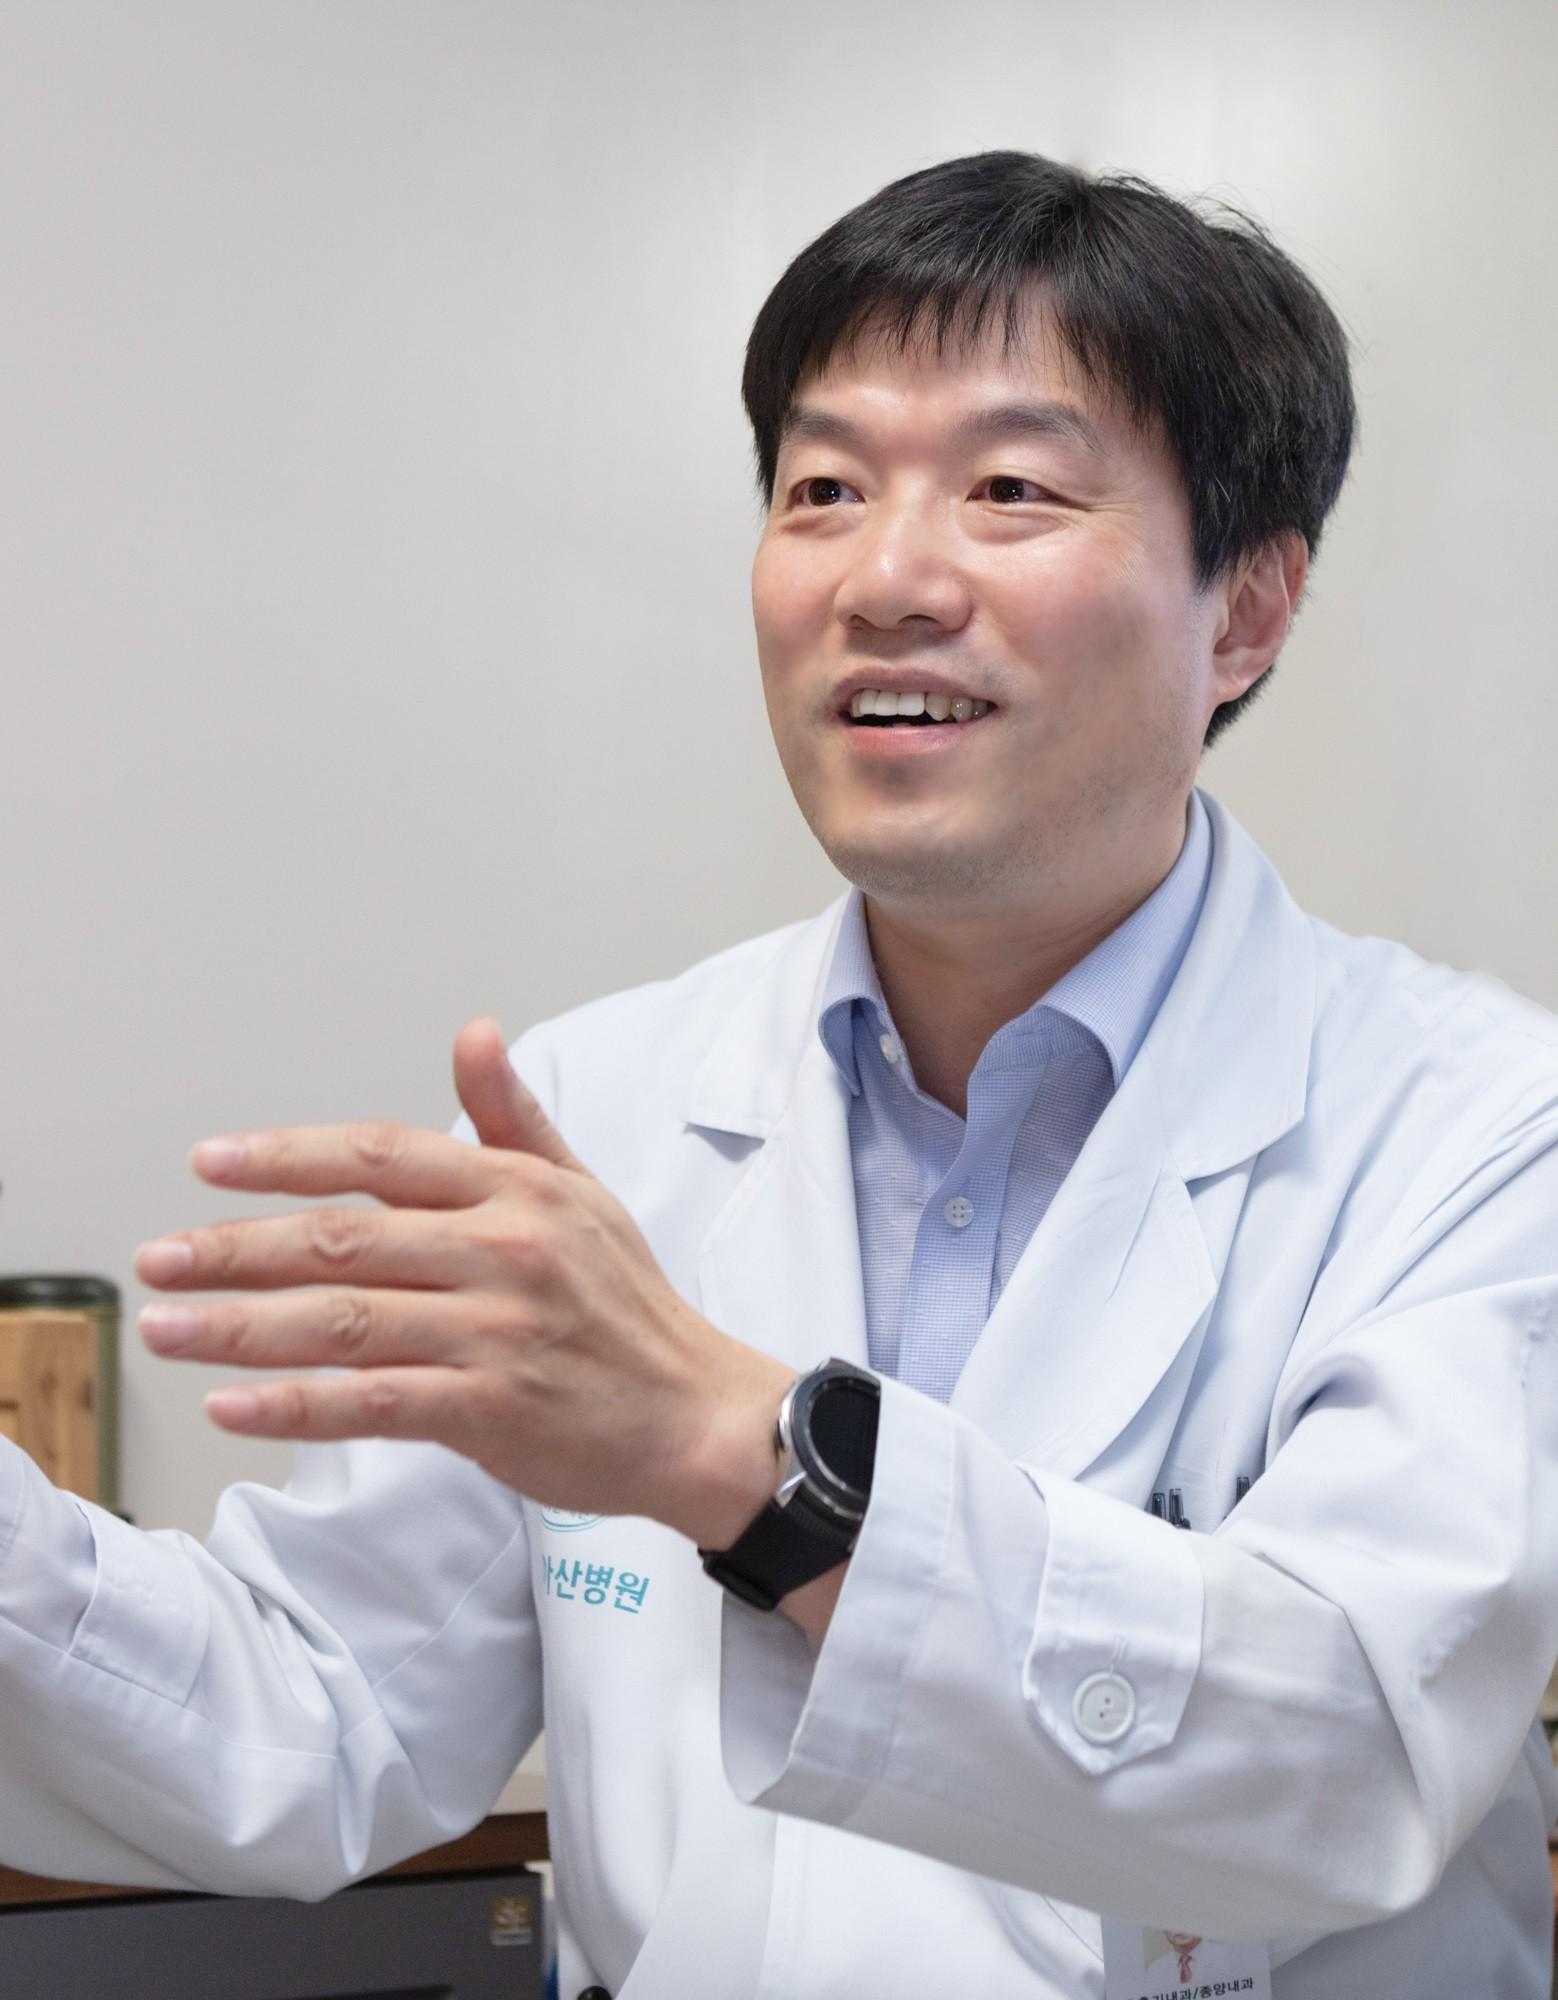 서울아산병원 최창민 교수